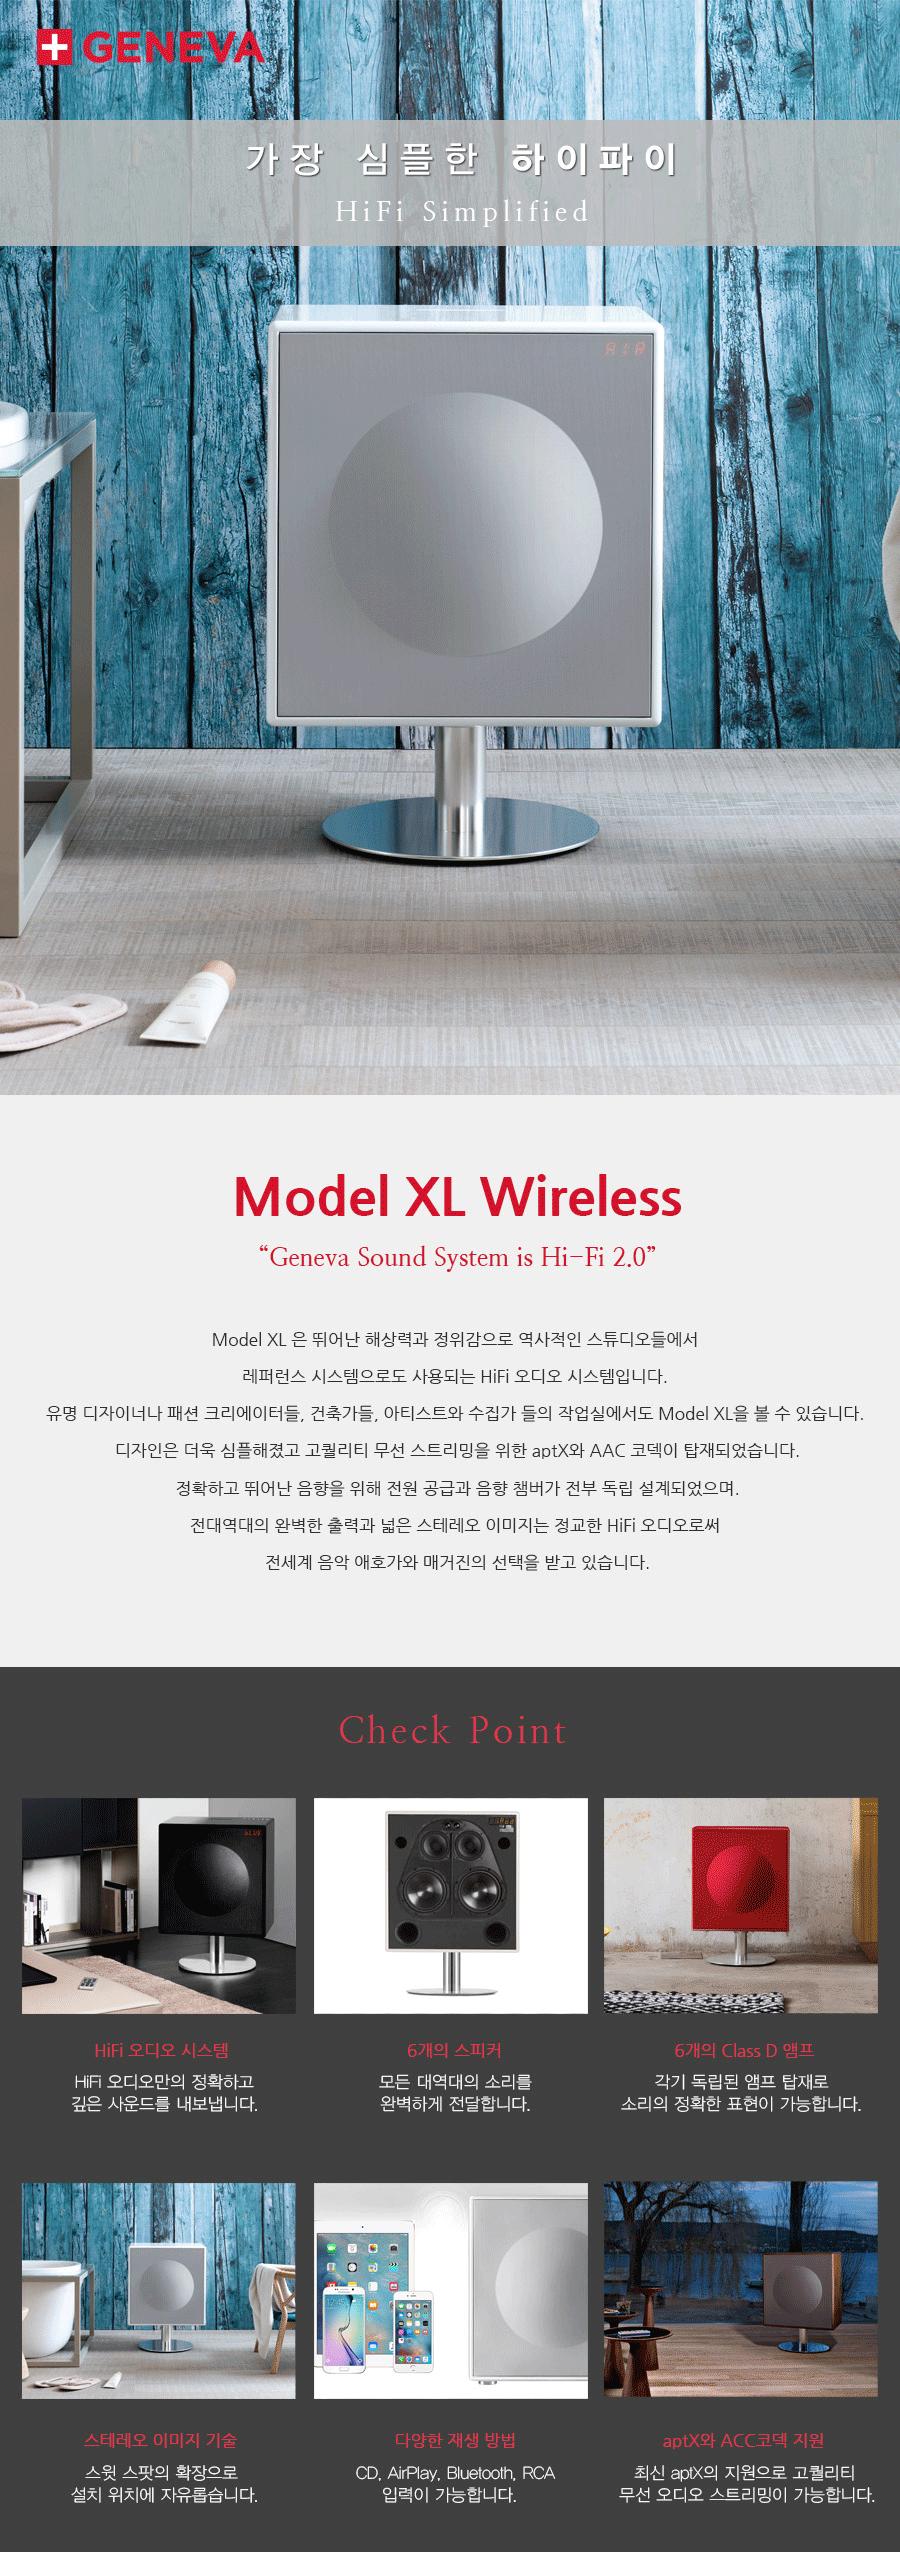 ModelXLWireless_01.png